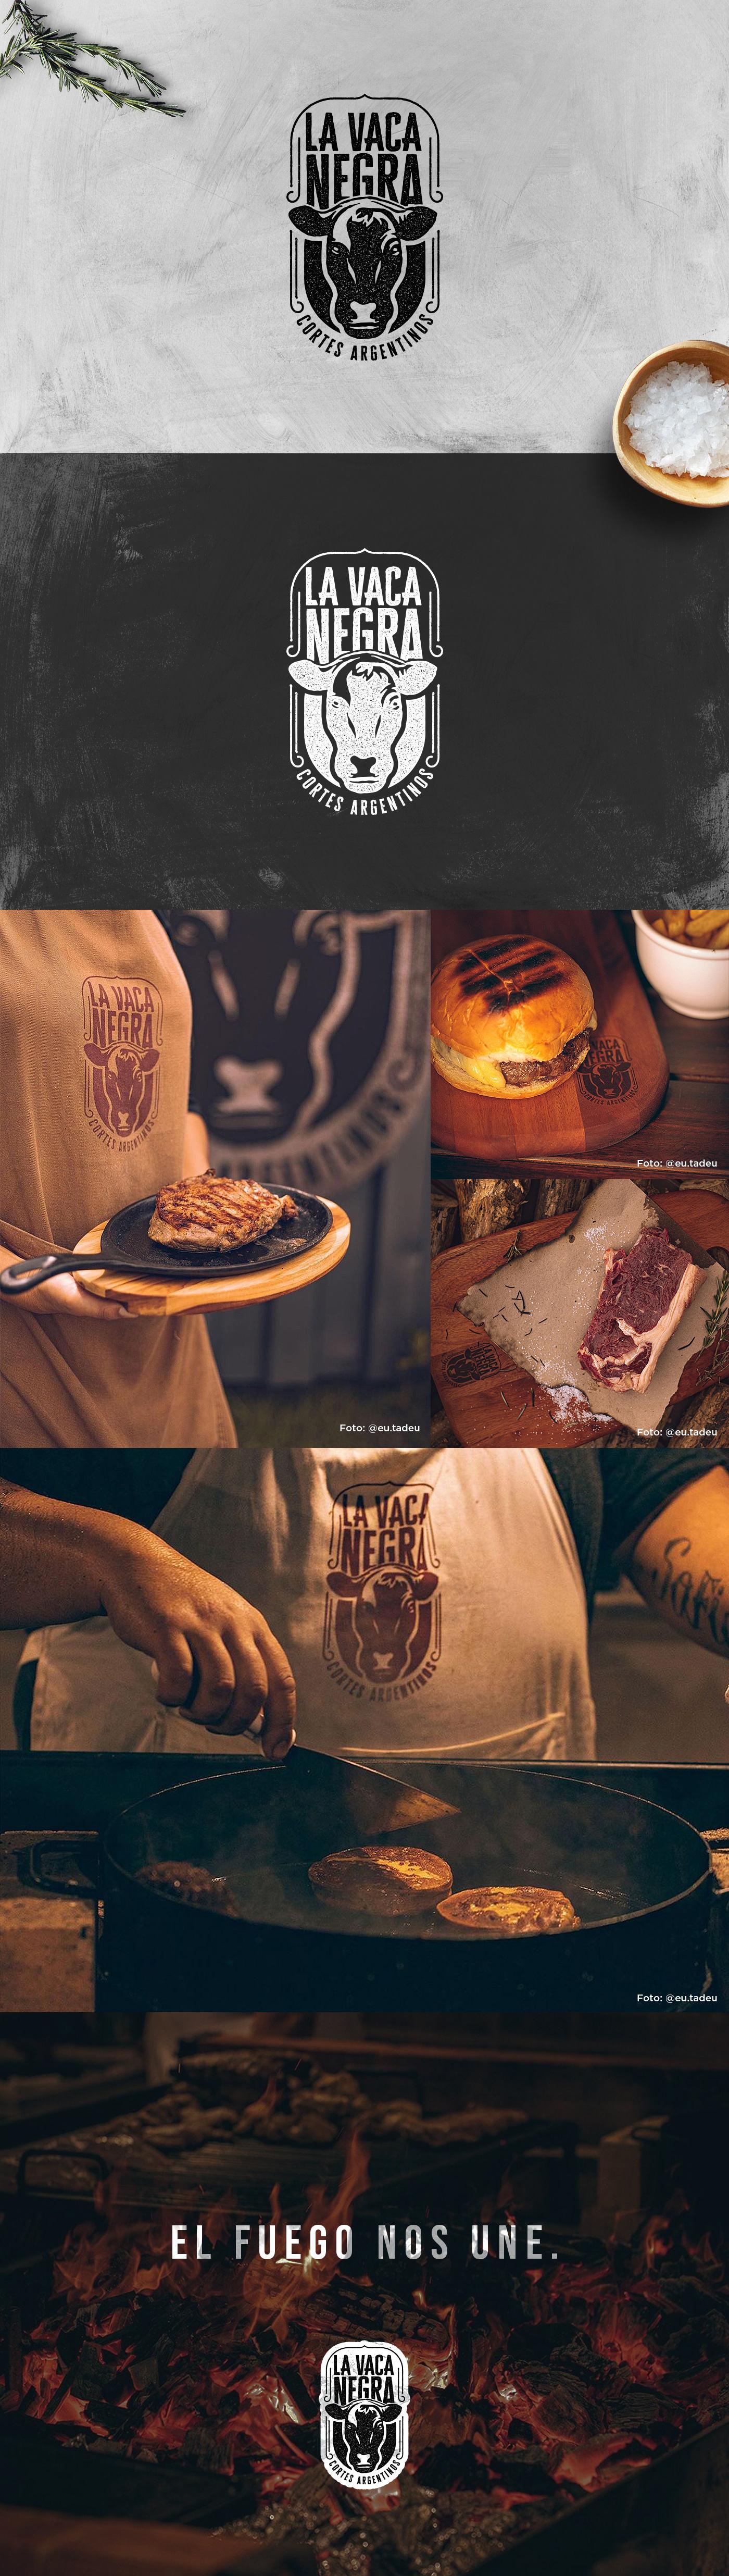 argentina barbecue branding  churrasco identidade visual lavacanegra manaus marca Parrilla